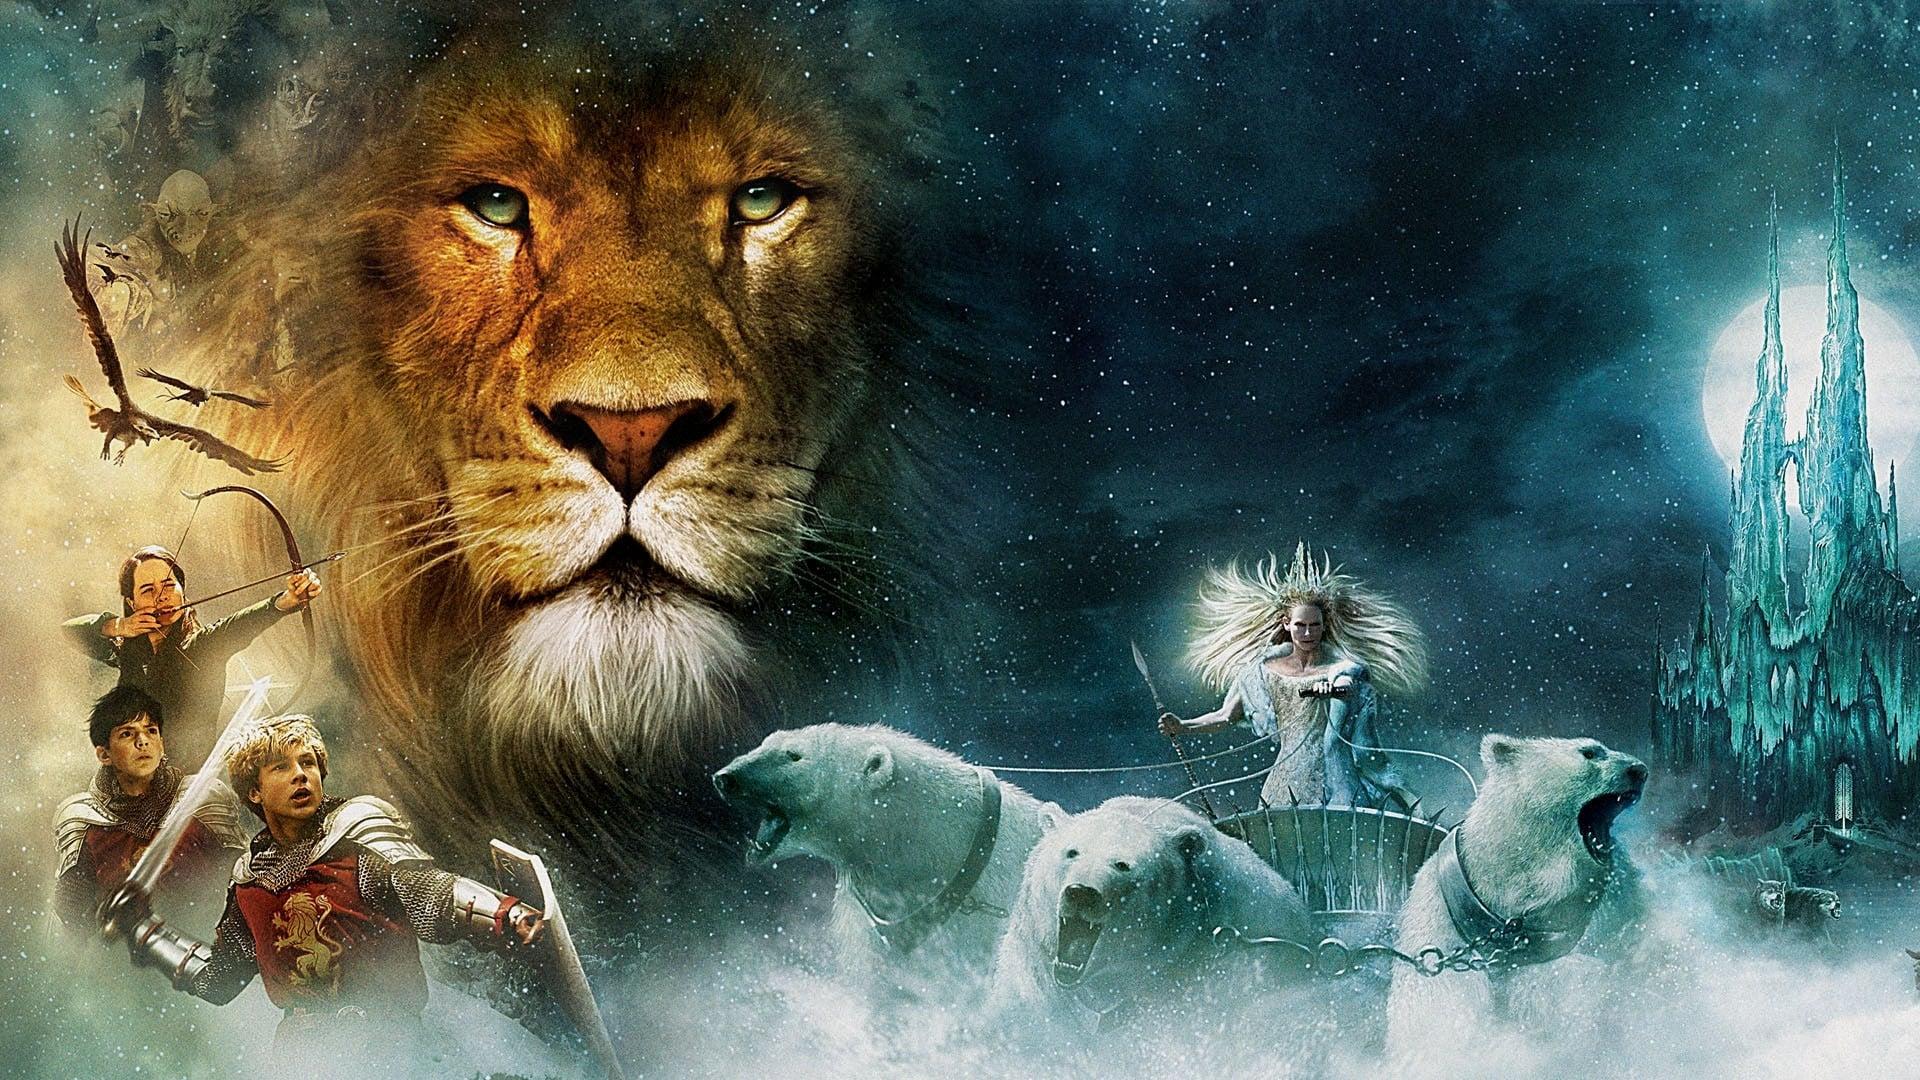 ナルニア国物語/第1章:ライオンと魔女 (2005)